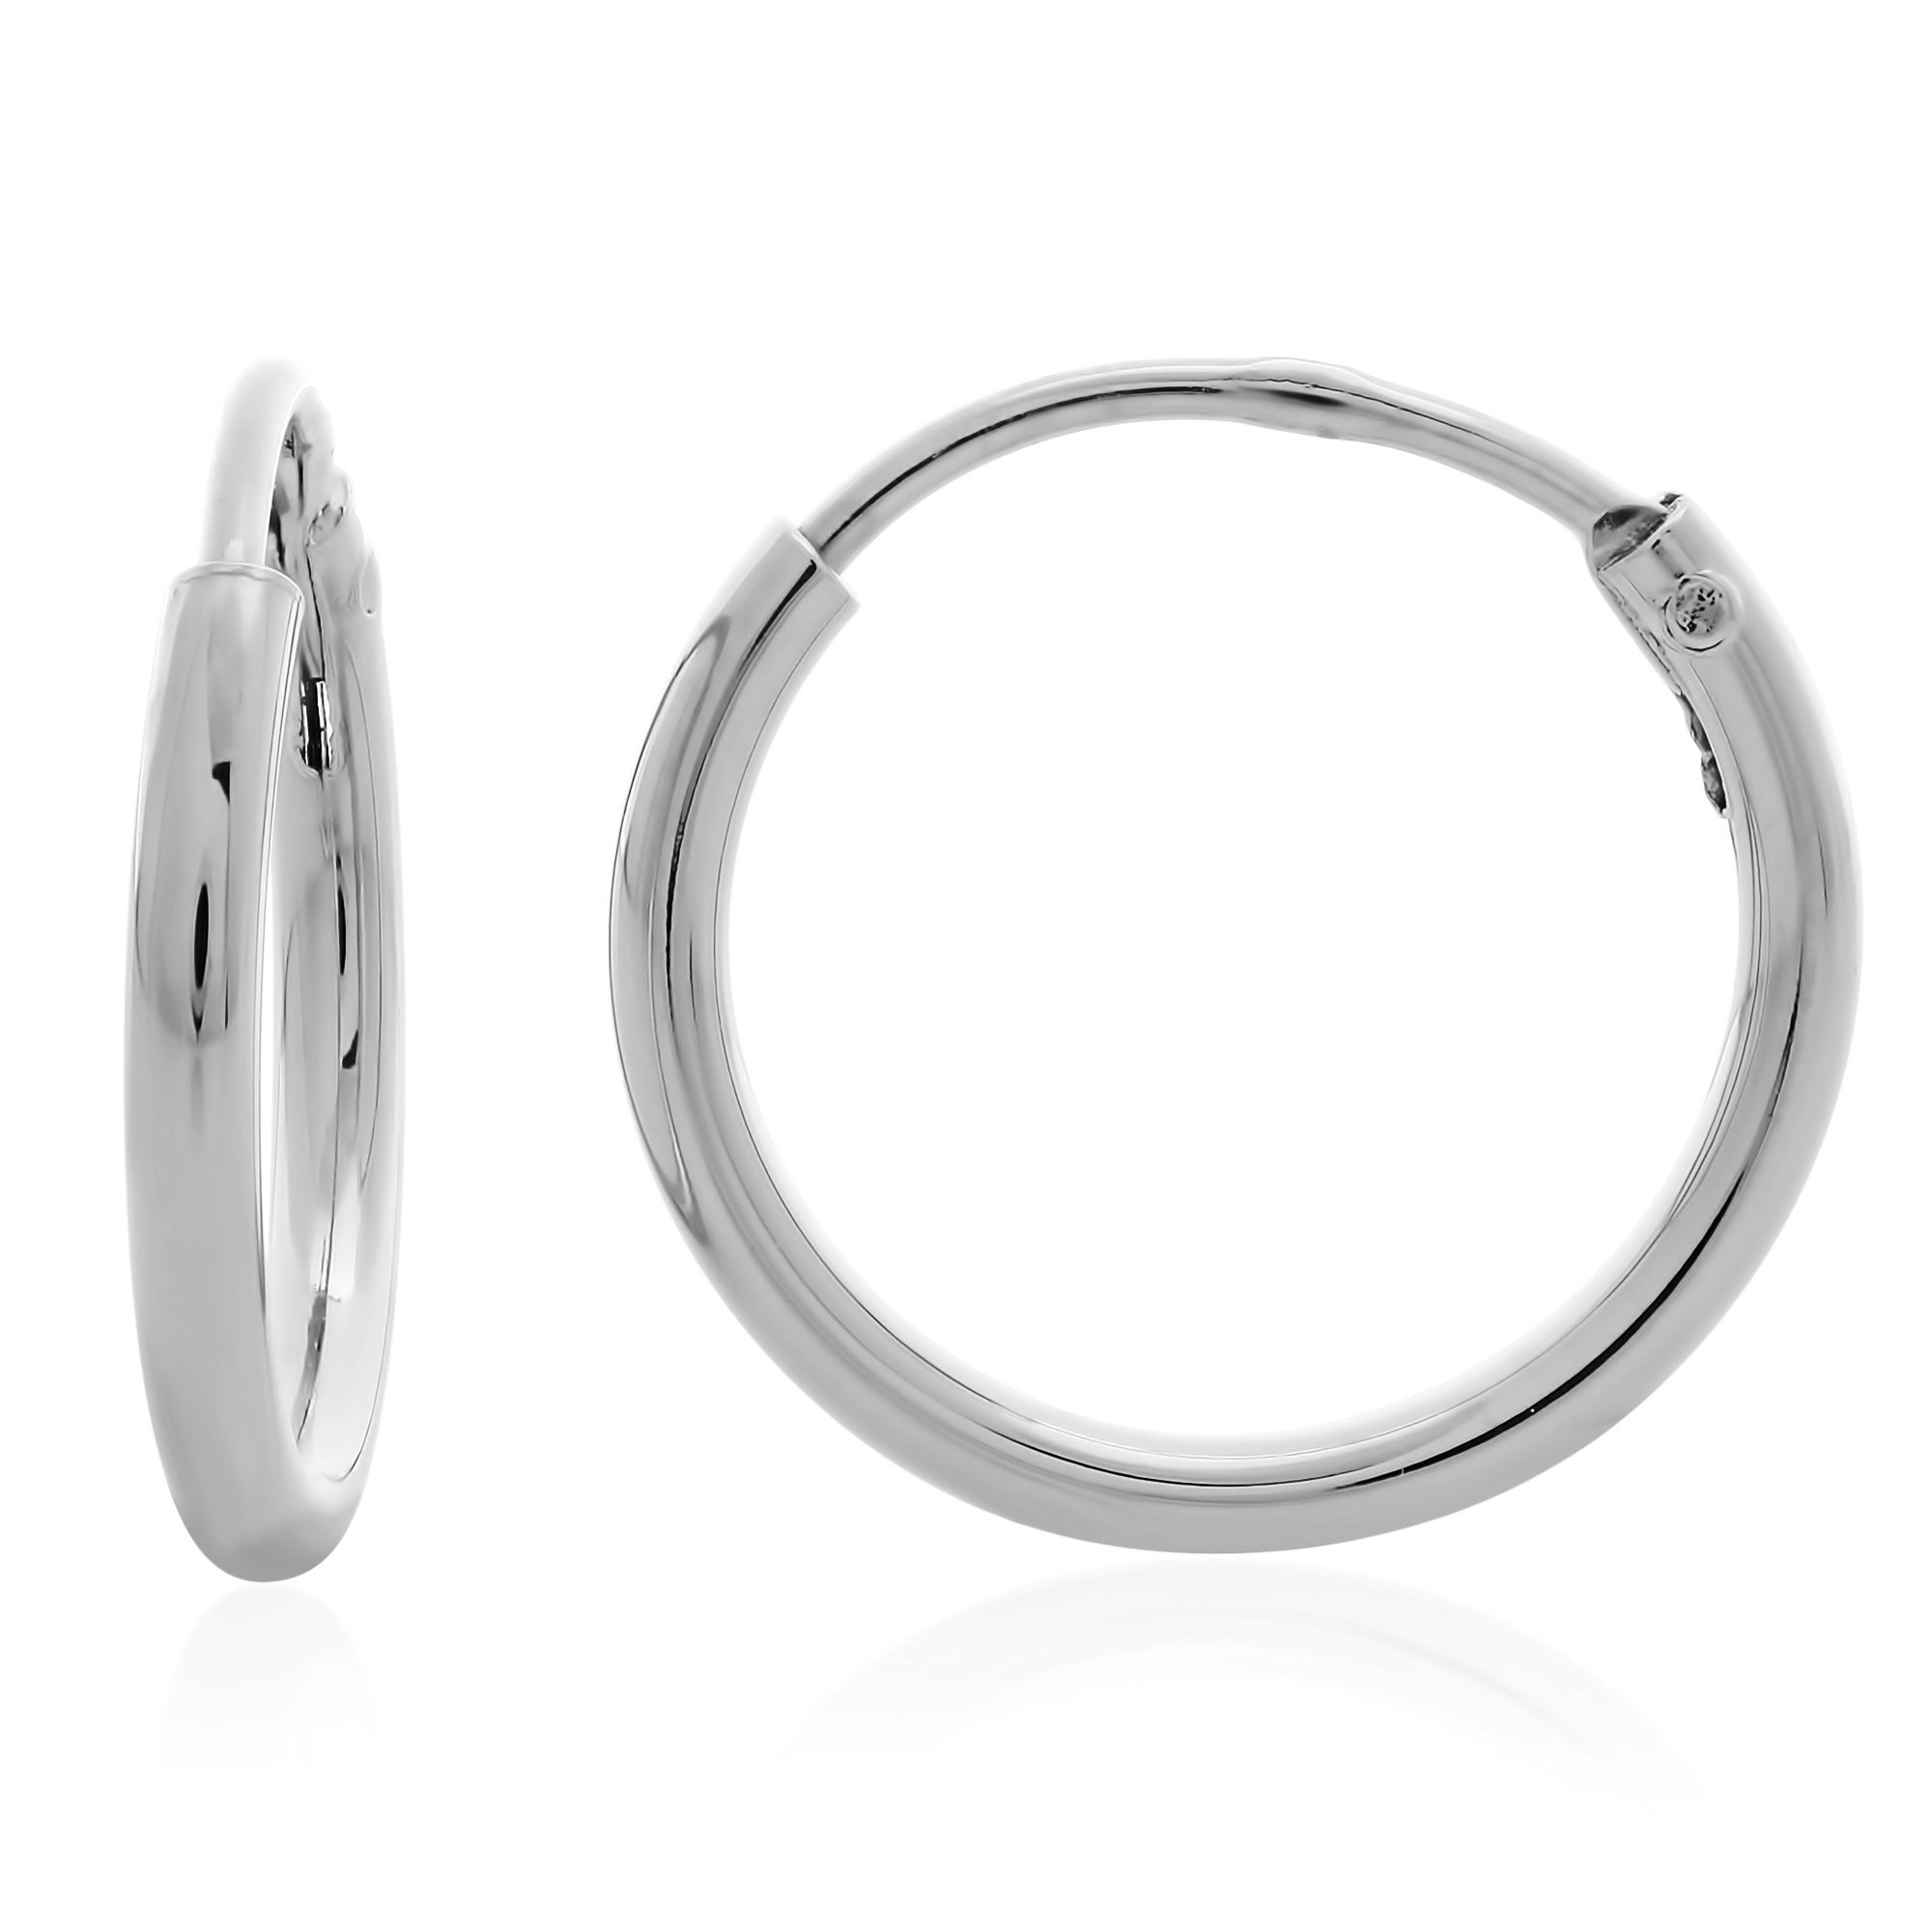 d3829e6761f2ed Shop Sterling Silver 0.6-inch Skinny Tube Hoop Earrings - On Sale ...